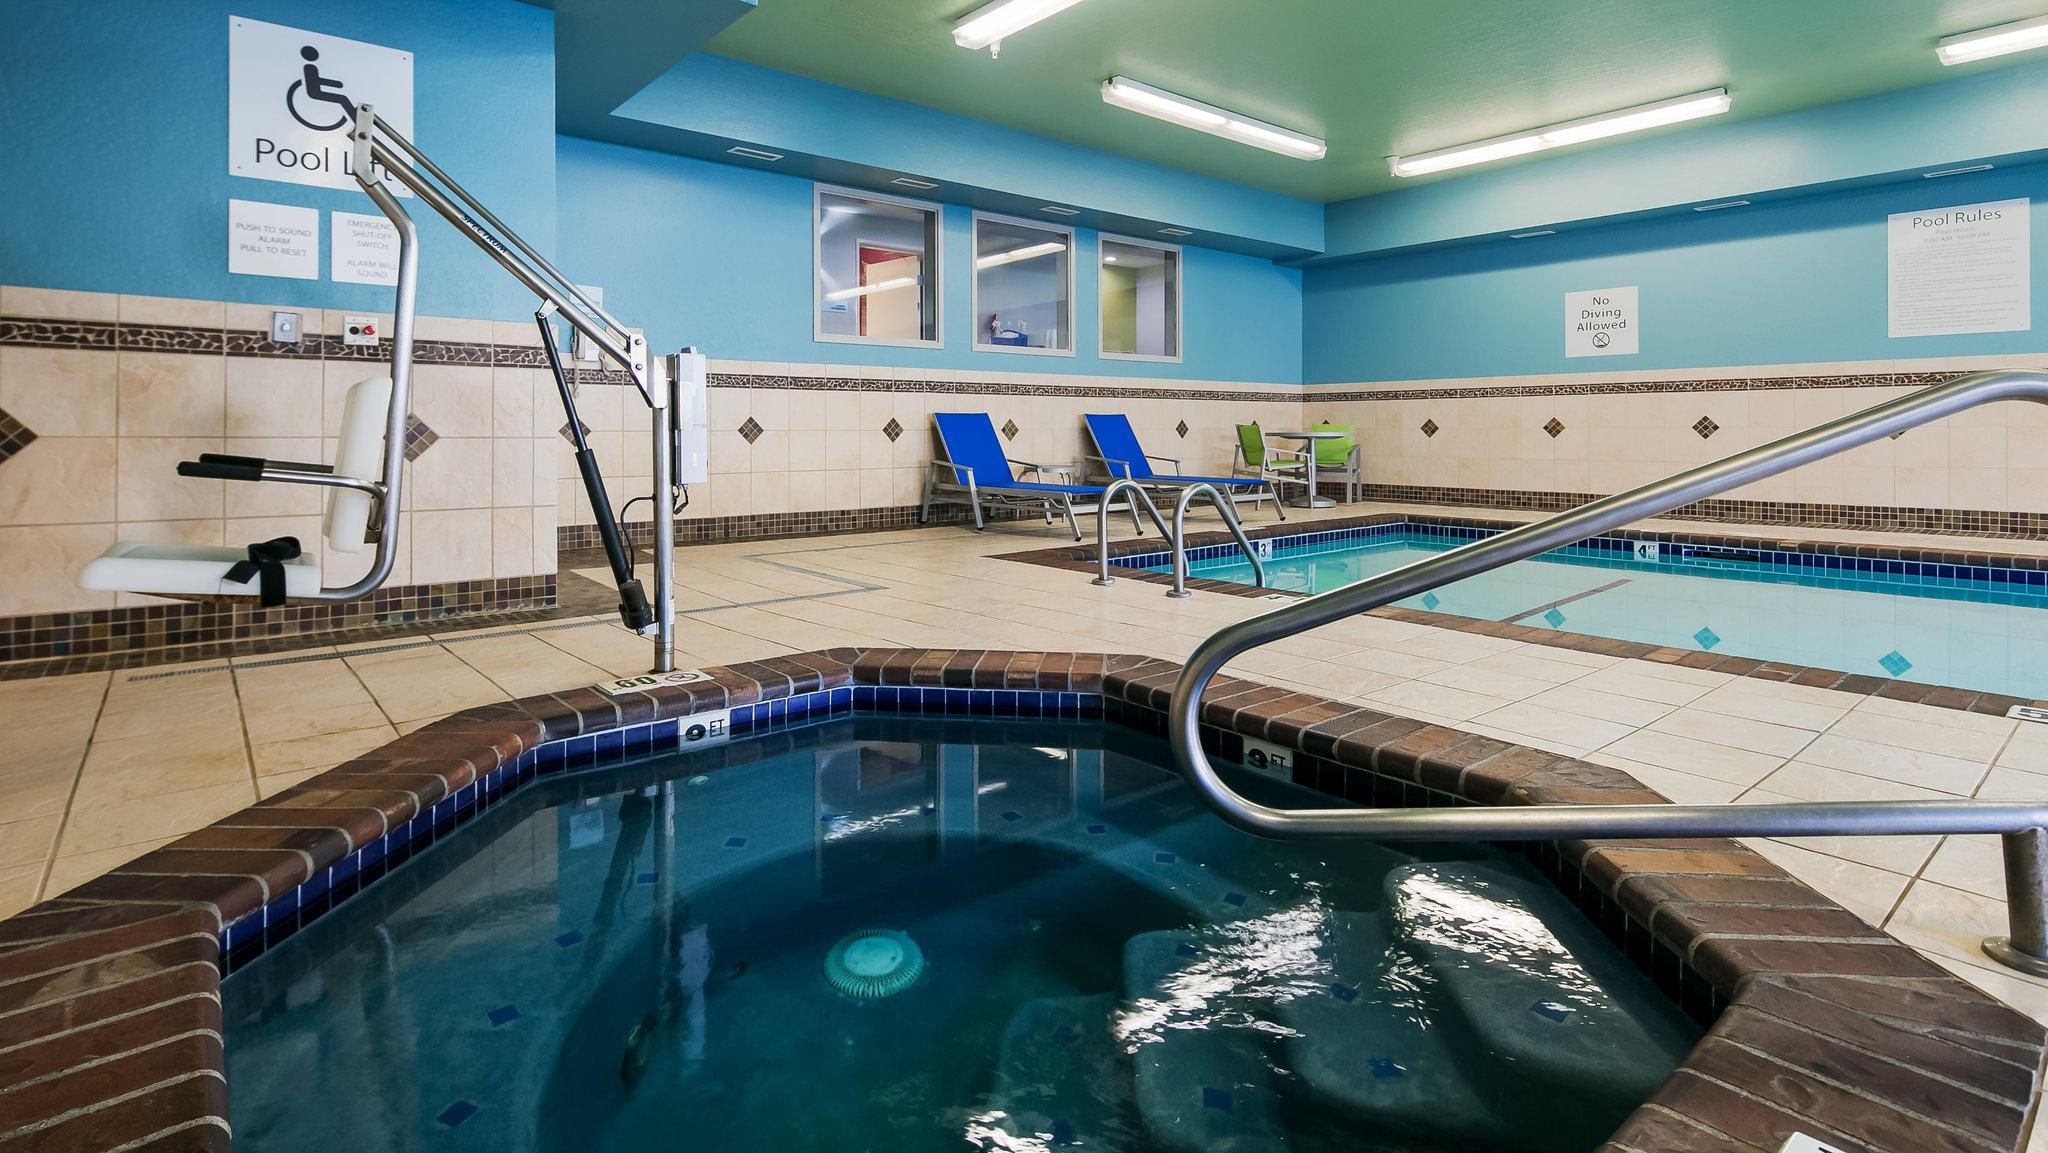 Holiday Inn Express & Suites Everett, an IHG Hotel